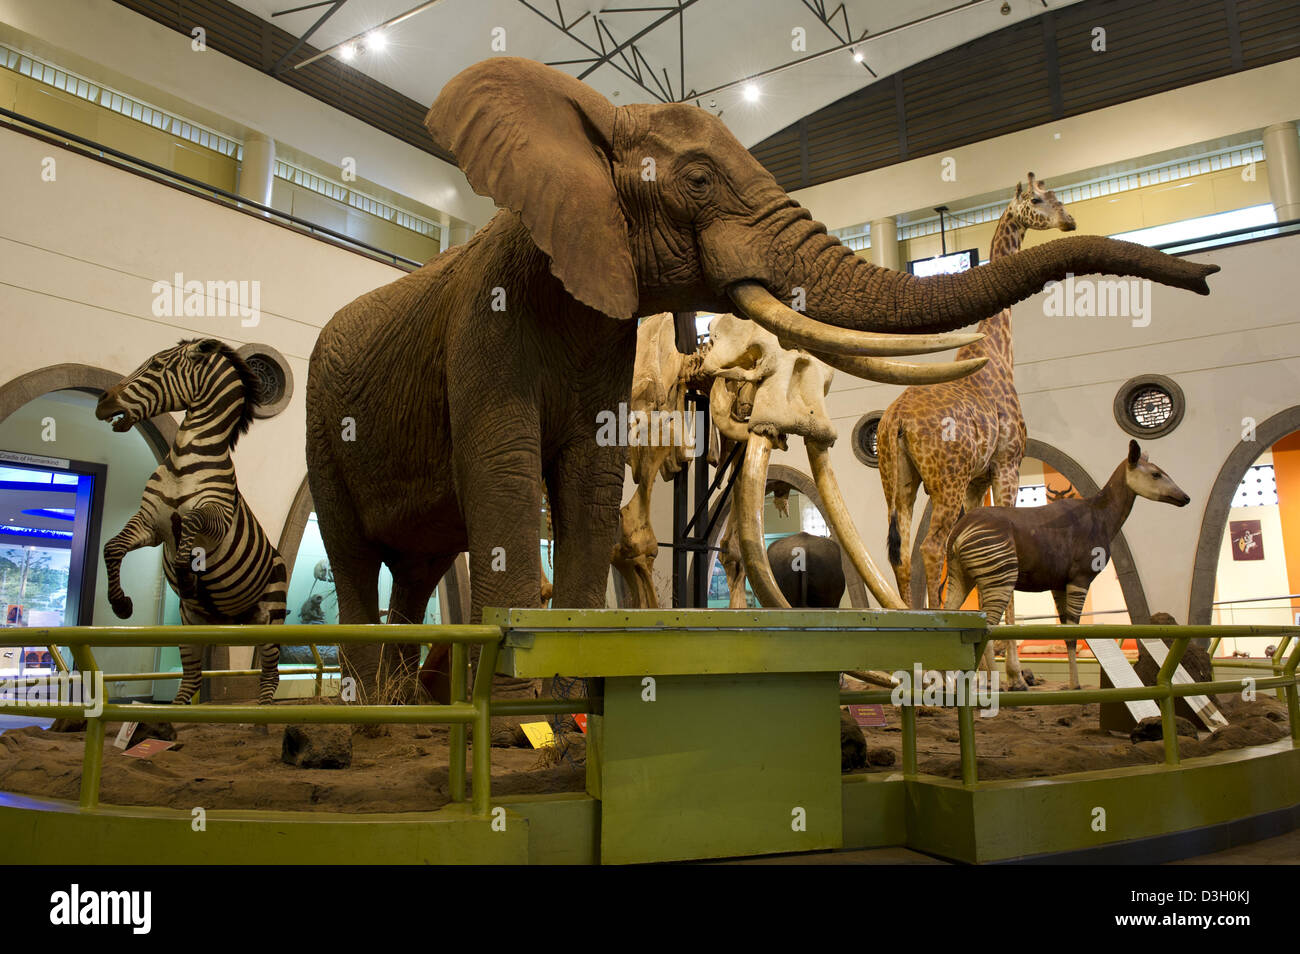 The Great Hall of mammals, Nairobi National Museum, Nairobi, Kenya Stock Photo